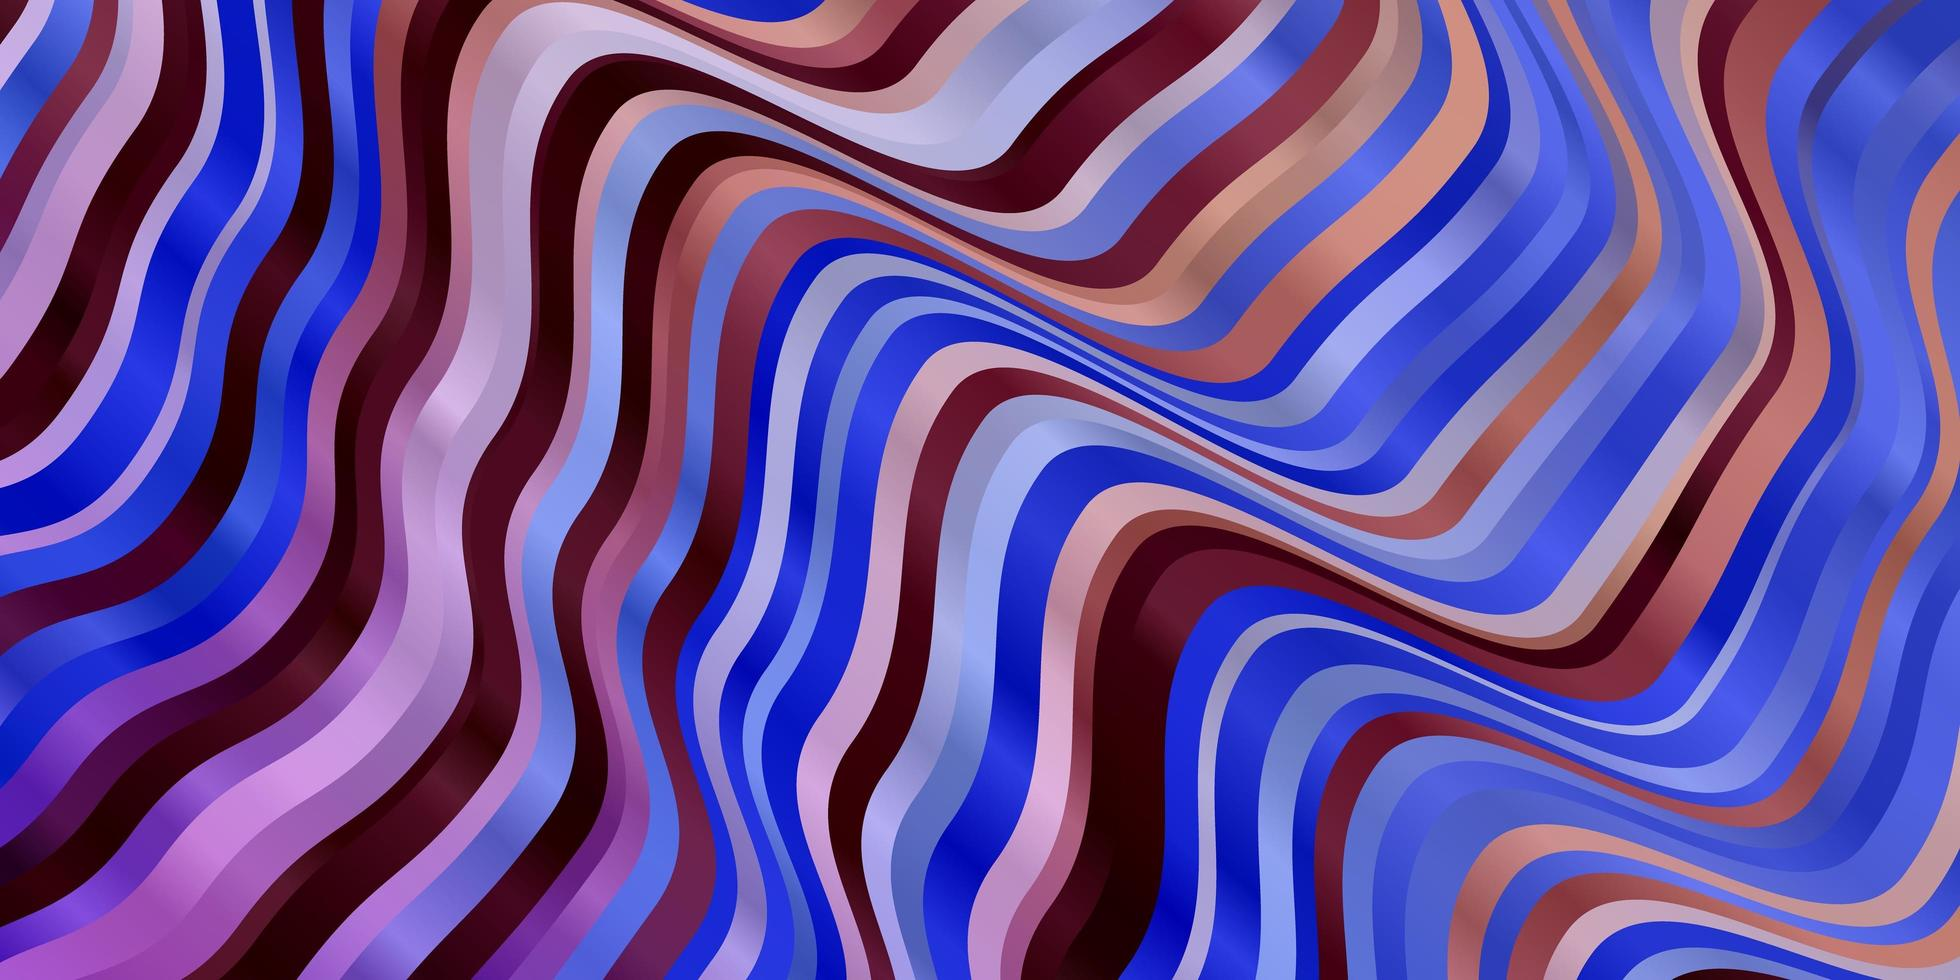 ljus flerfärgad vektormall med kurvor. vektor